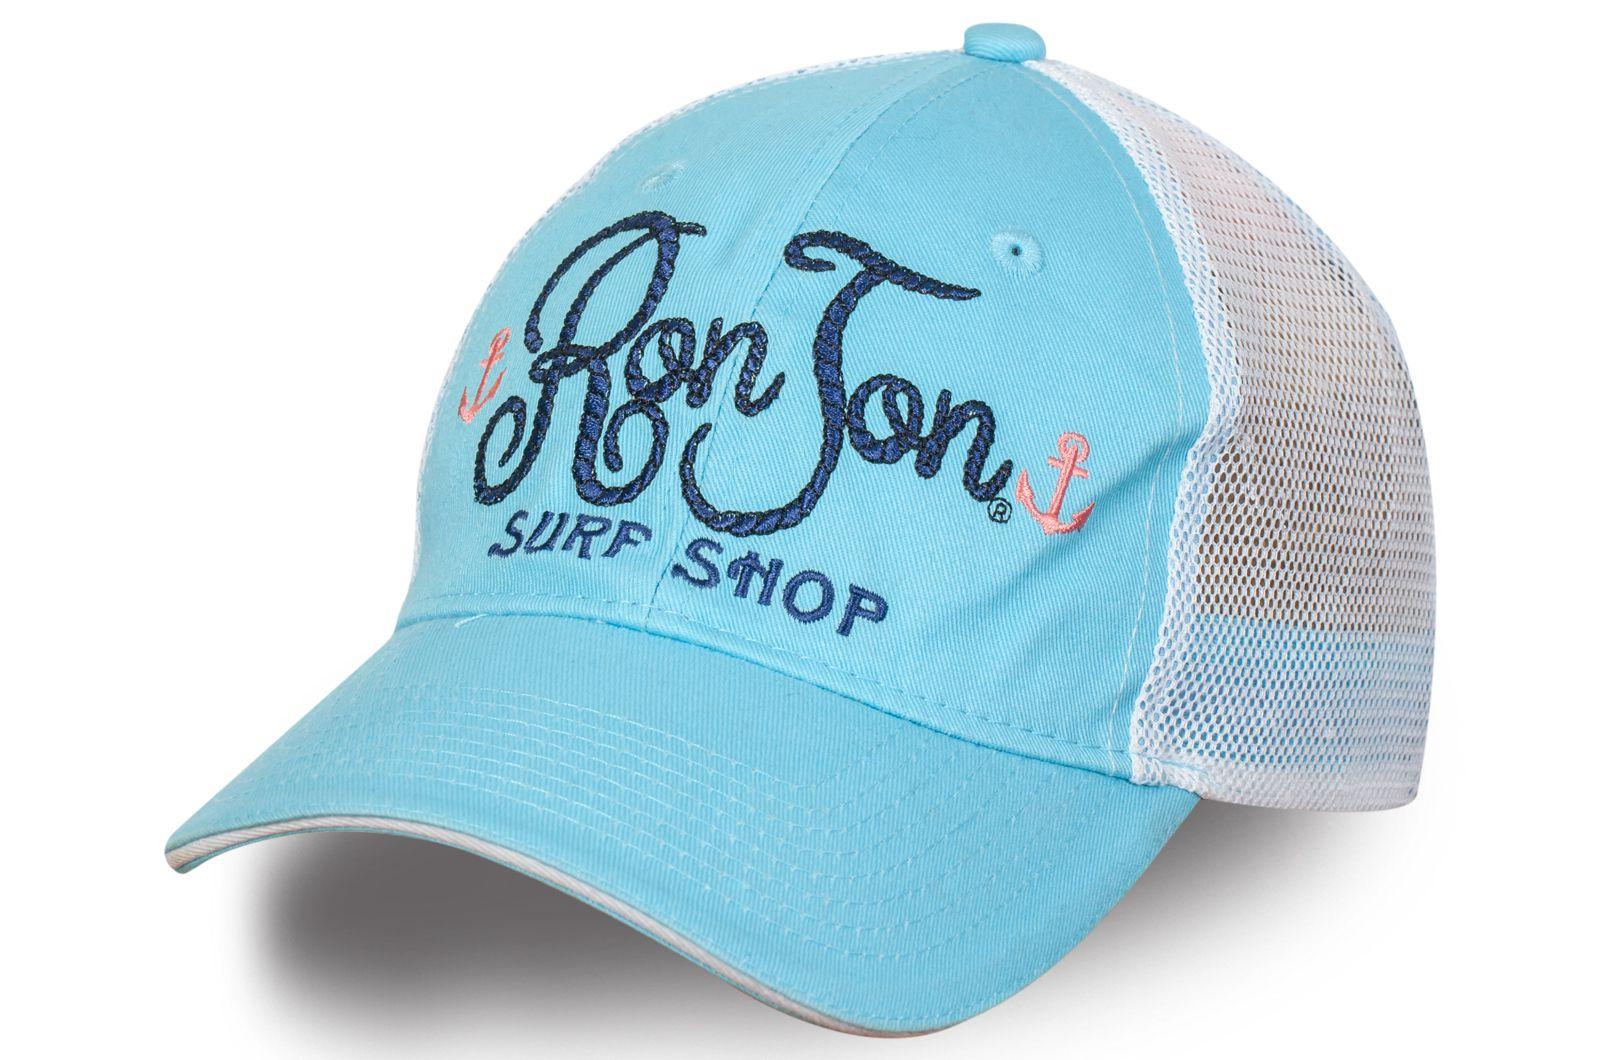 Женская бейсболка Ron Jon | Заказать женские бейсболки оптом